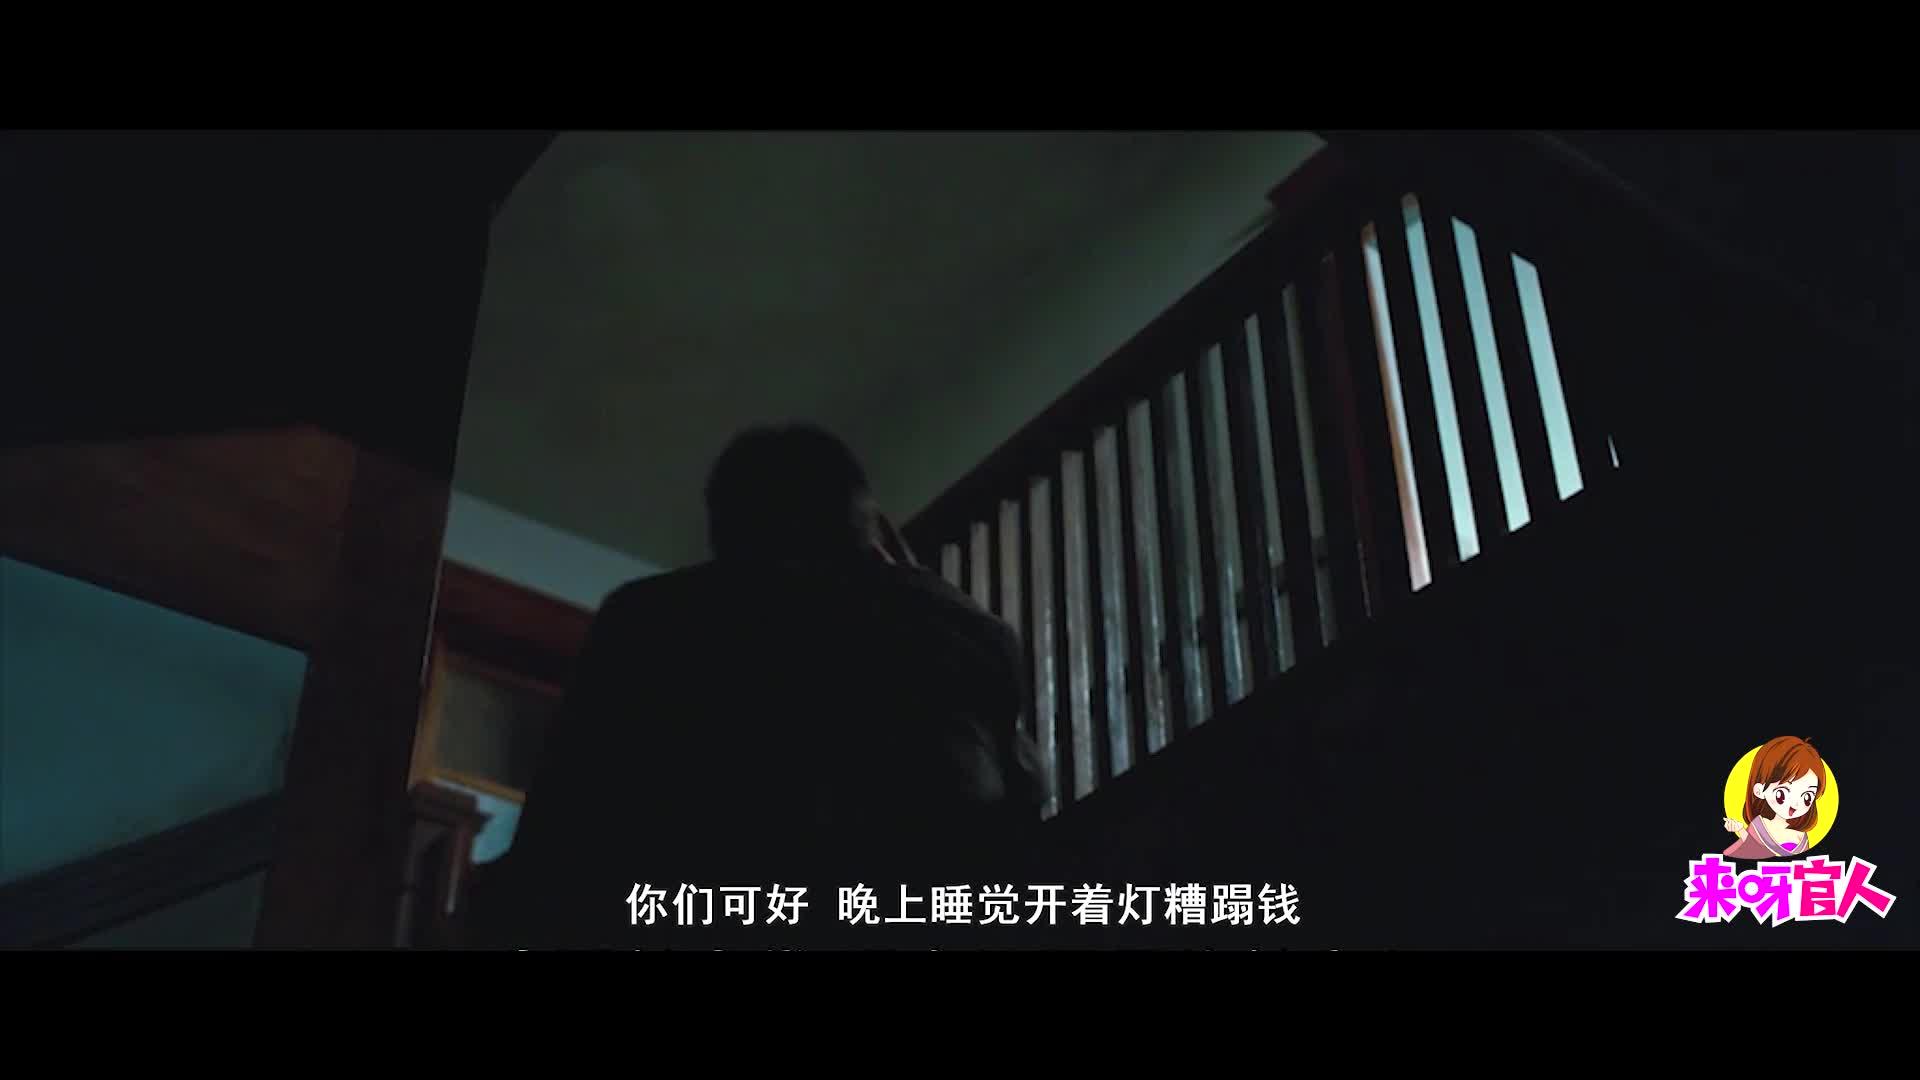 #追剧不能停#《太平间闹鬼事件》:根据真实事件改编的恐怖电影!__11